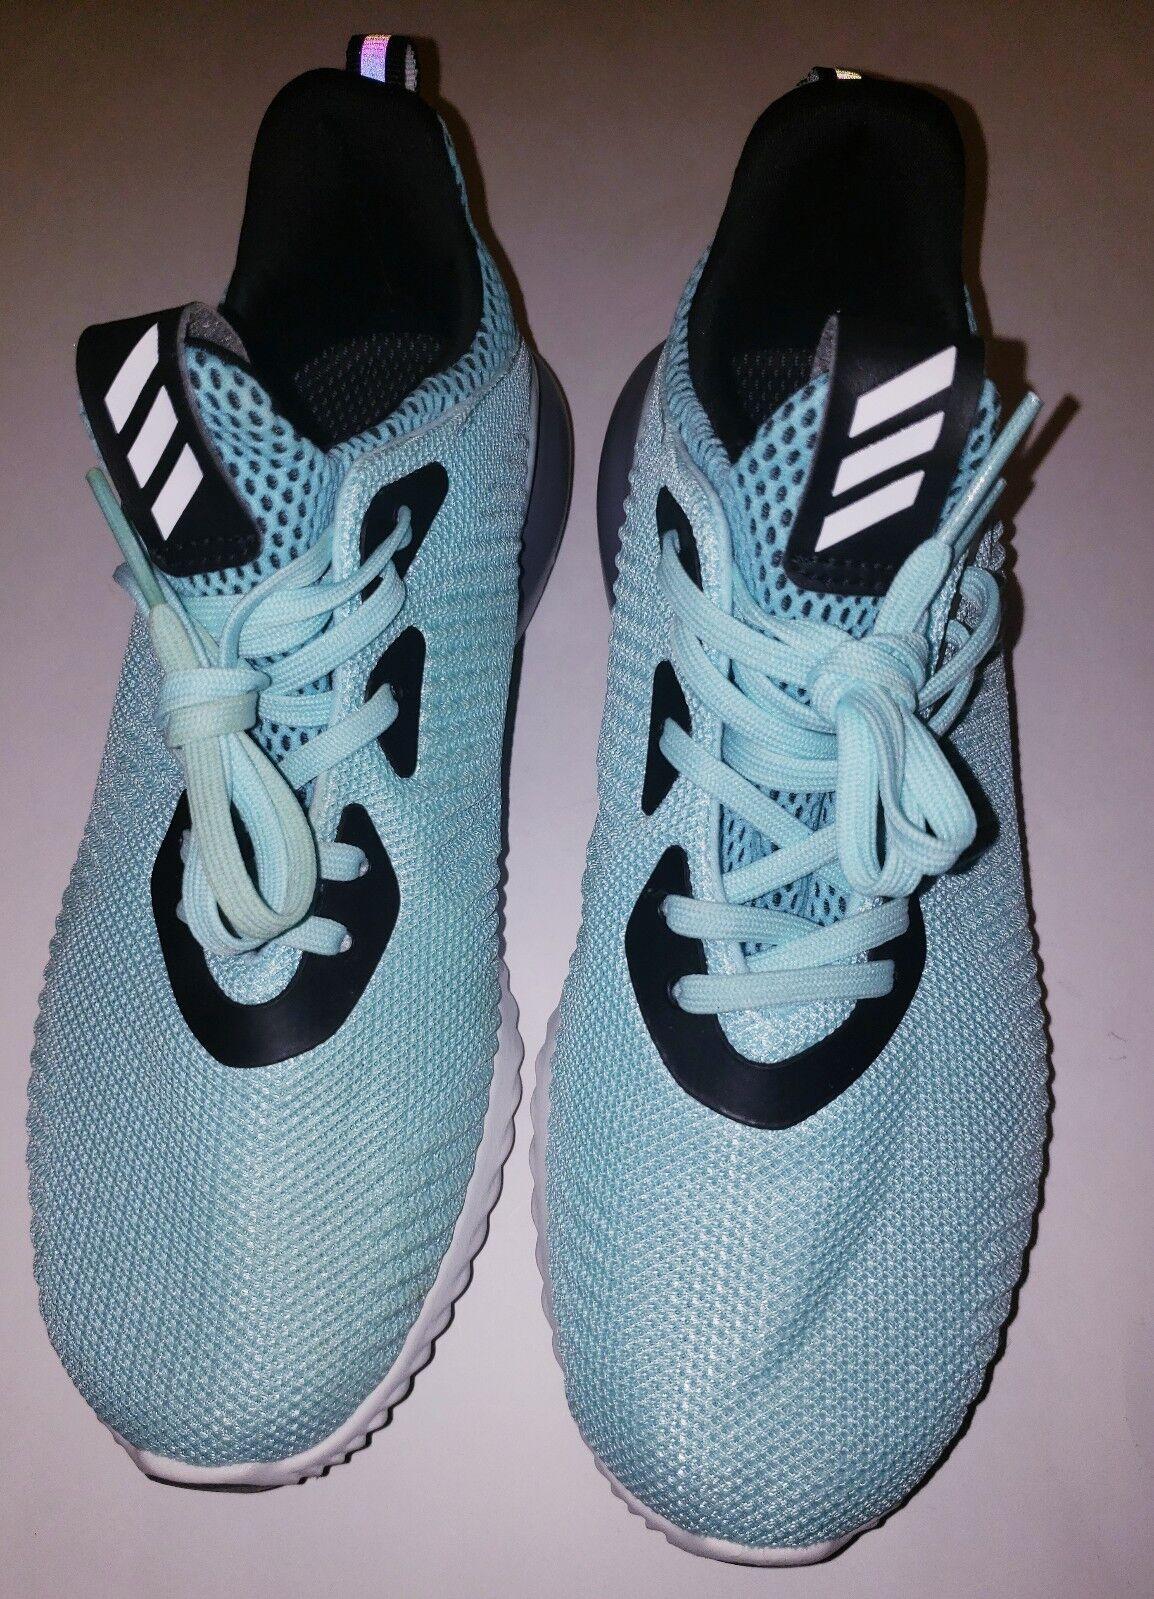 Adidas Alphabounce scarpe Sz  7 NUOVO AUTHENTIC Clear Aqua B39429  ottima selezione e consegna rapida